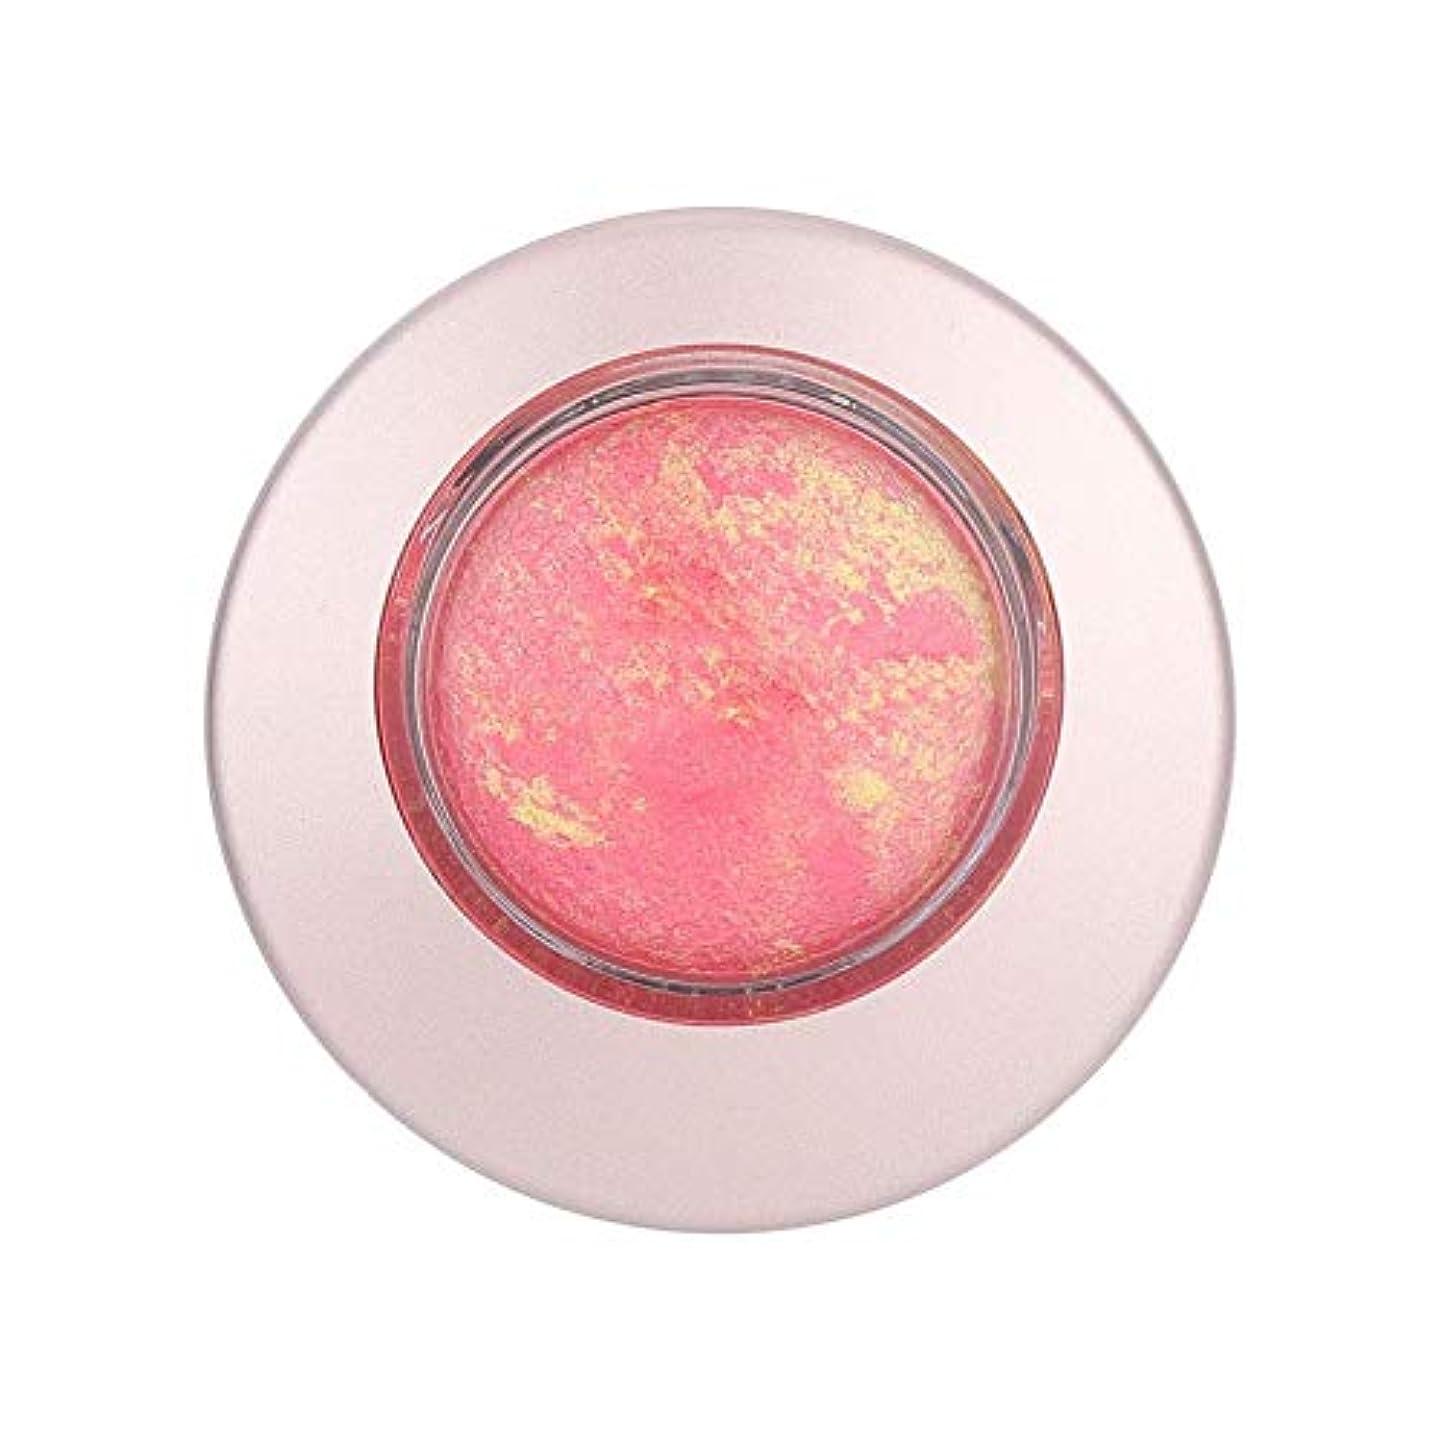 できる全部プライバシー10g 長続きがする 単一色のほお紅の保湿の明るくなる赤面の粉の表面構造(808)